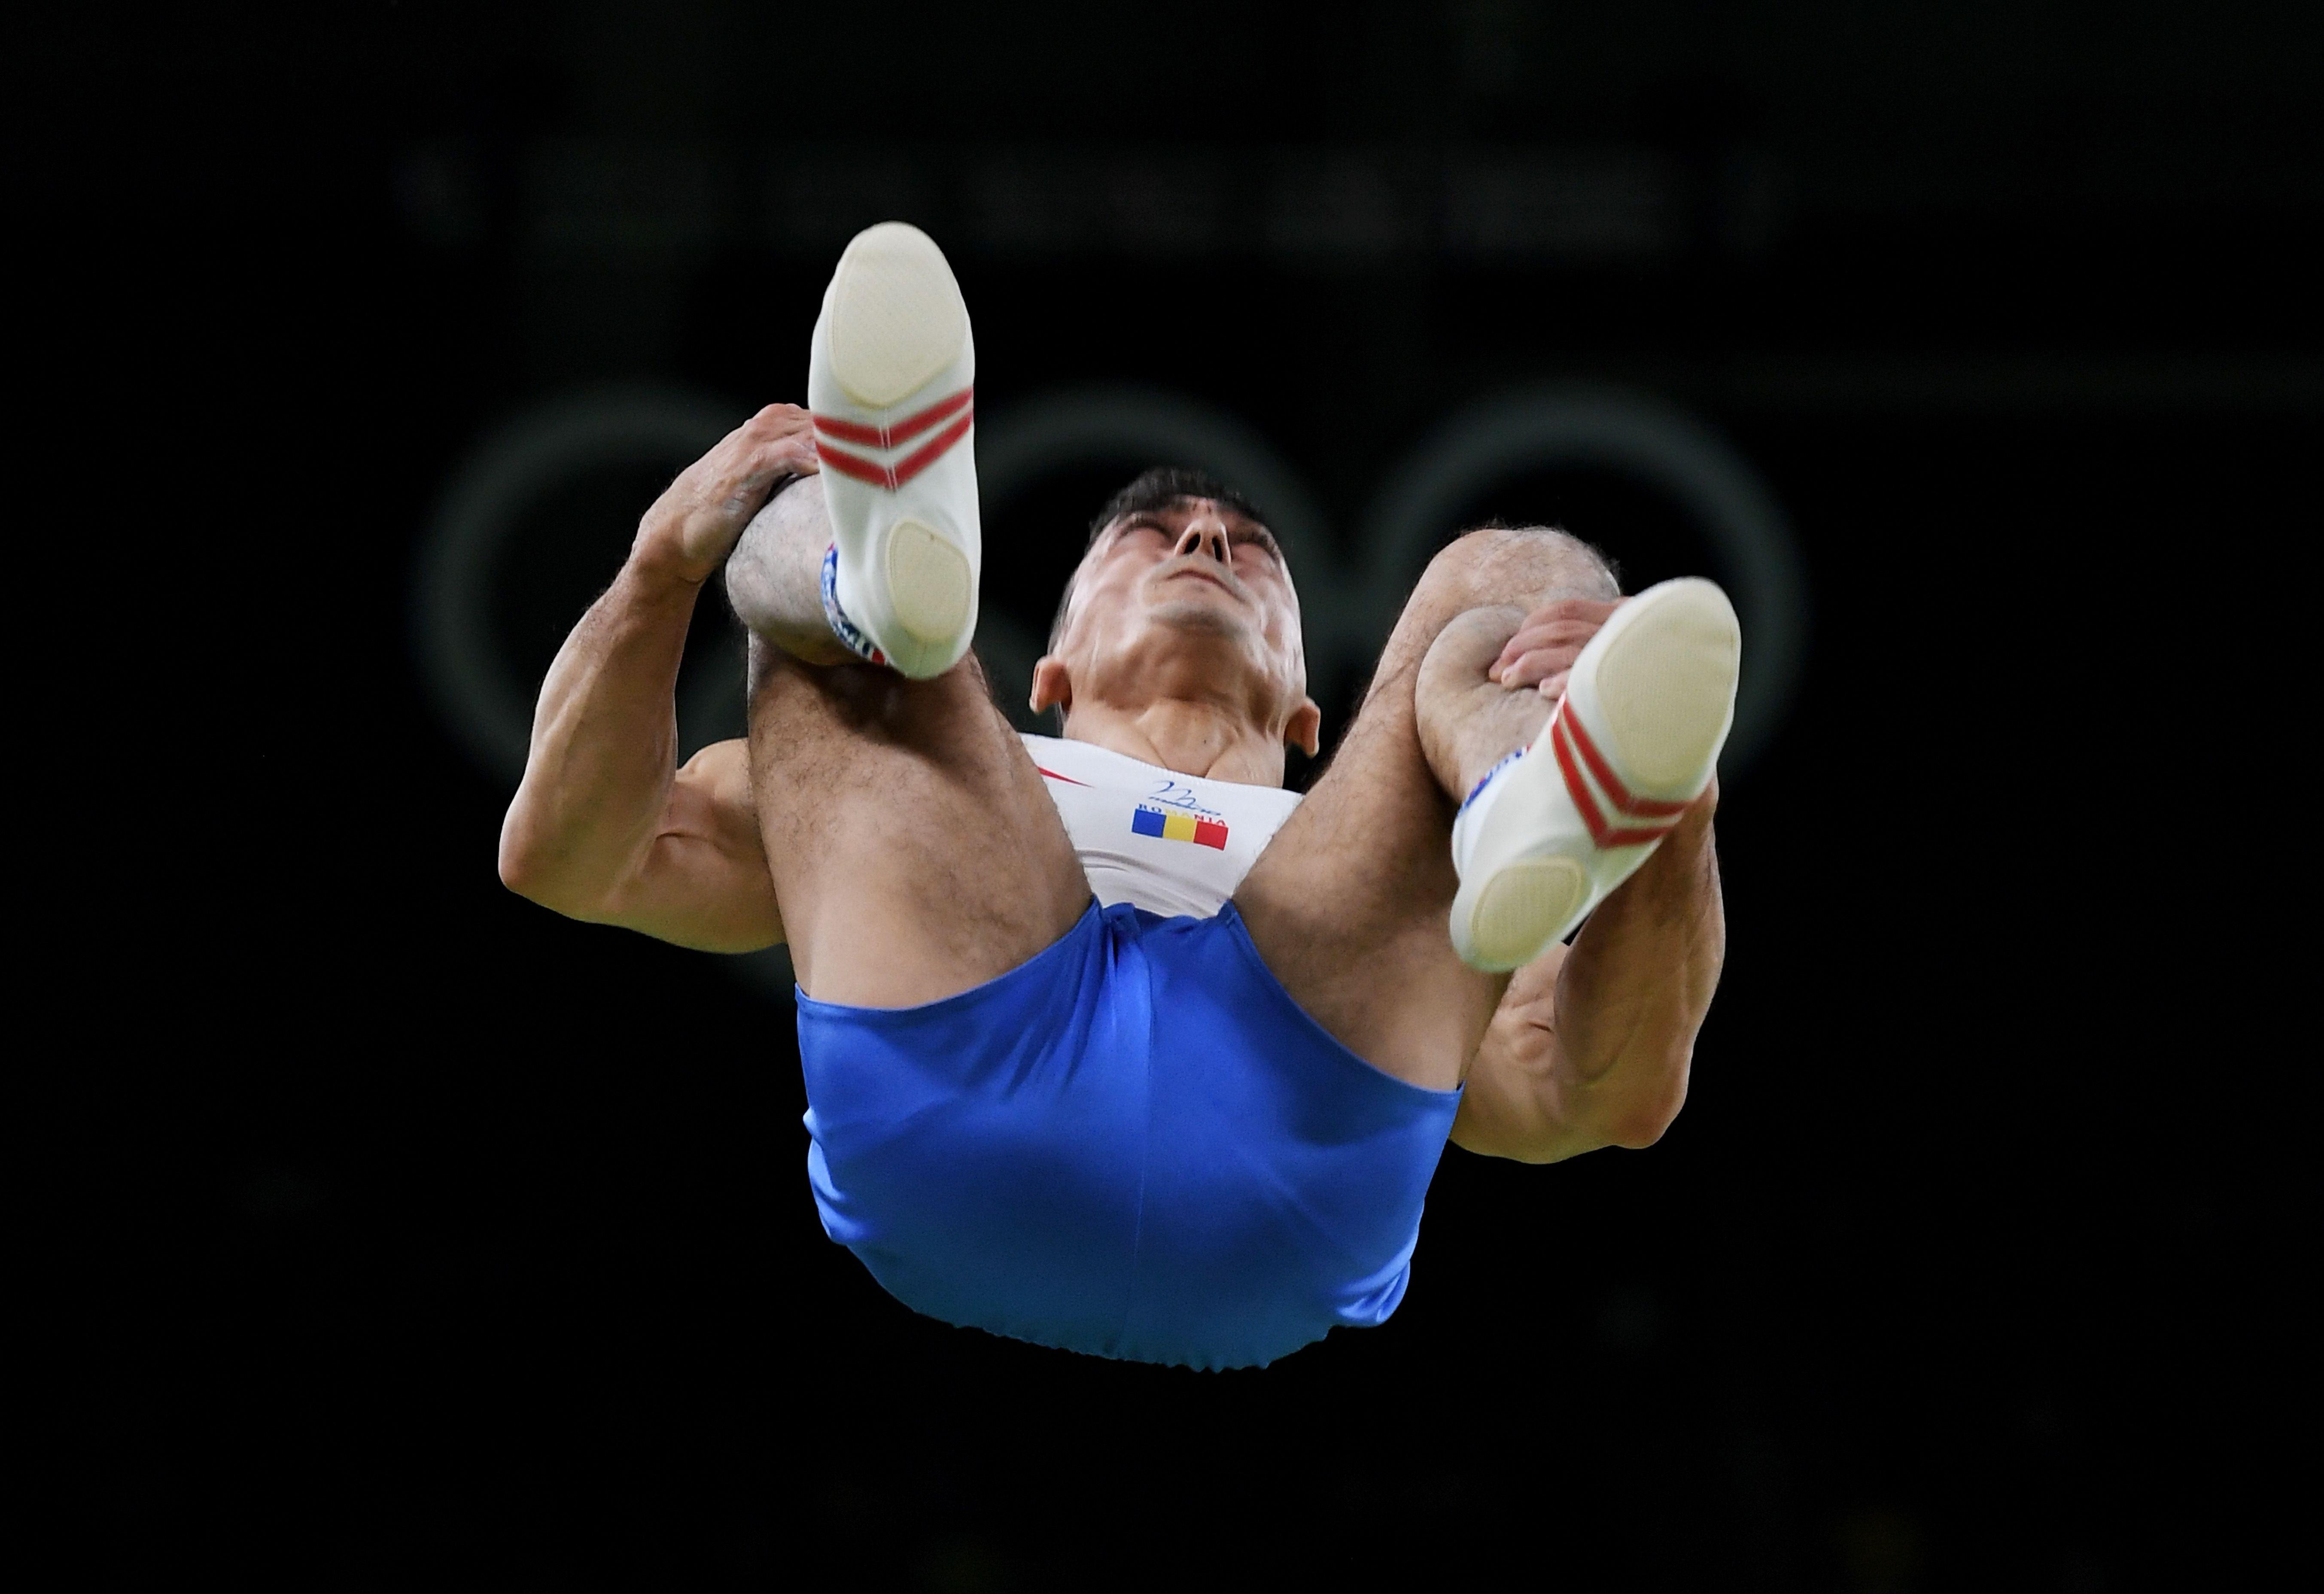 campionatul-mondial-de-gimnastica-de-la-stuttgart-ghinion-pentru-marian-dragulescu-i